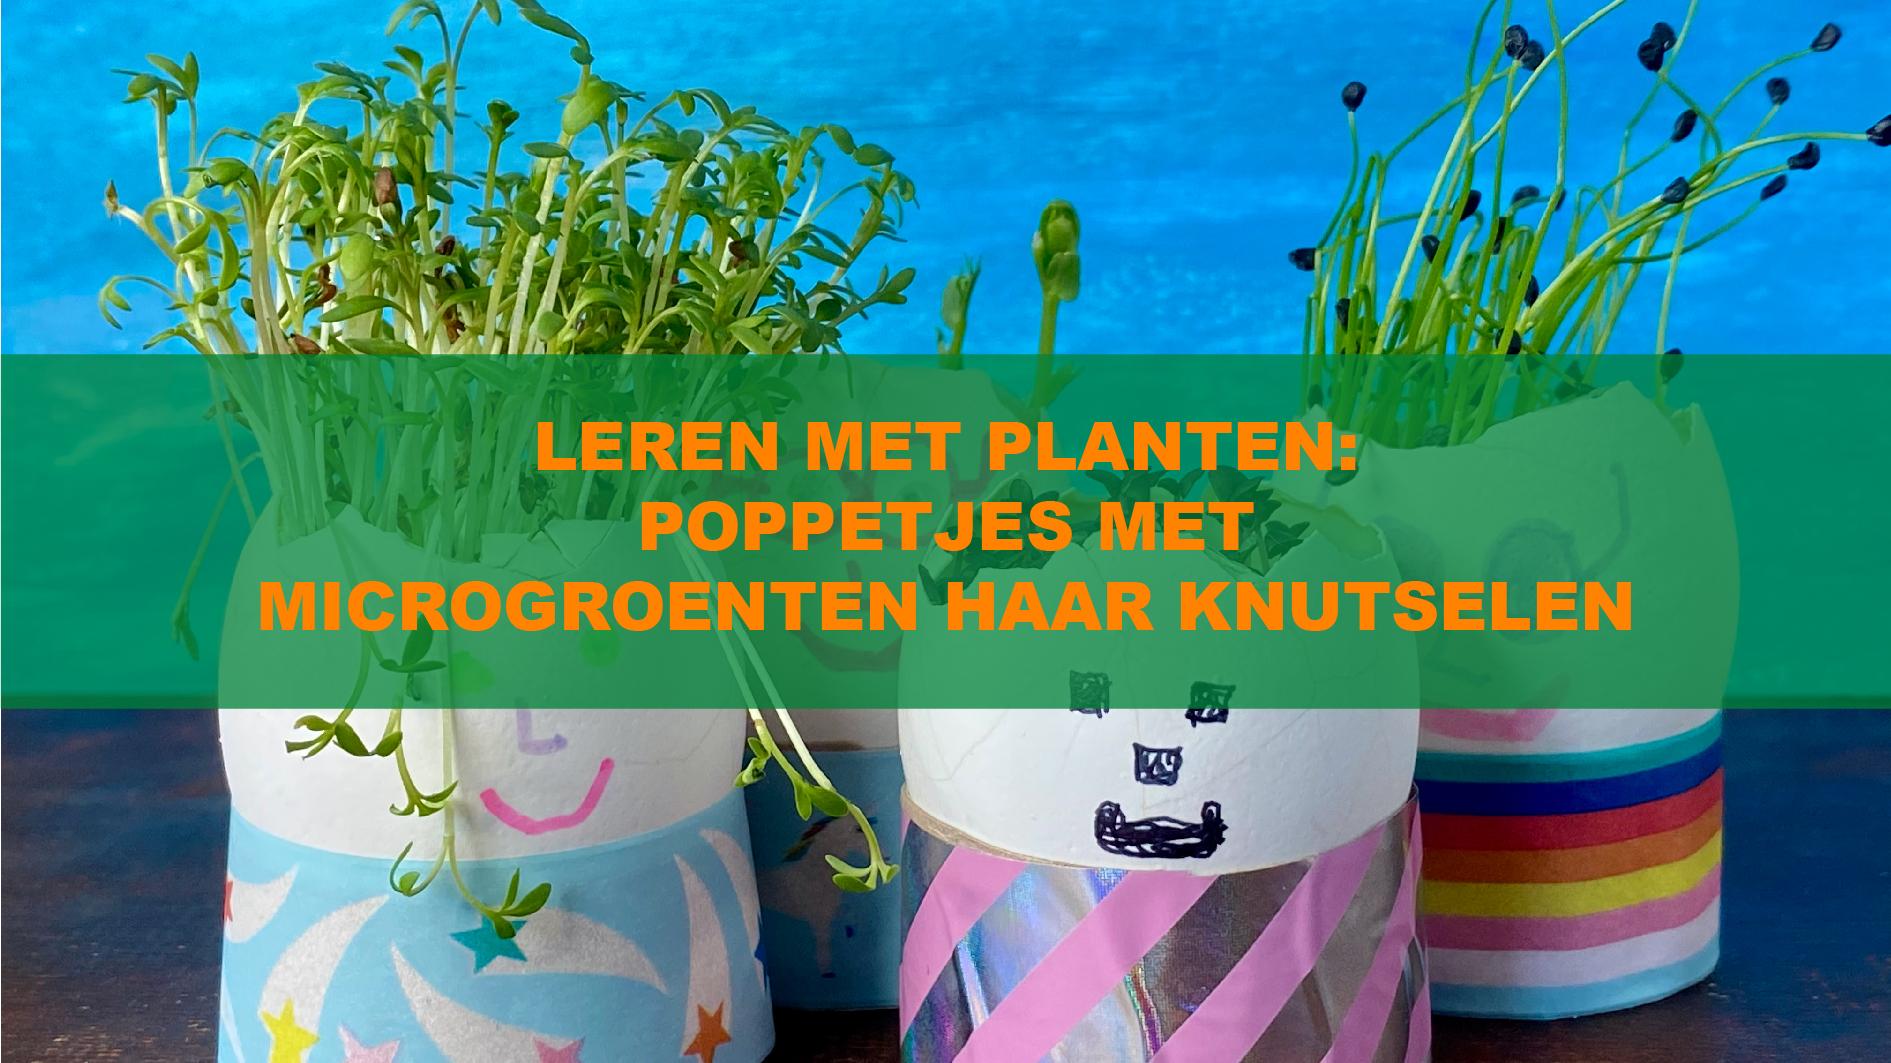 Leren met Planten: Poppetjes met microgroenten haar knutselen